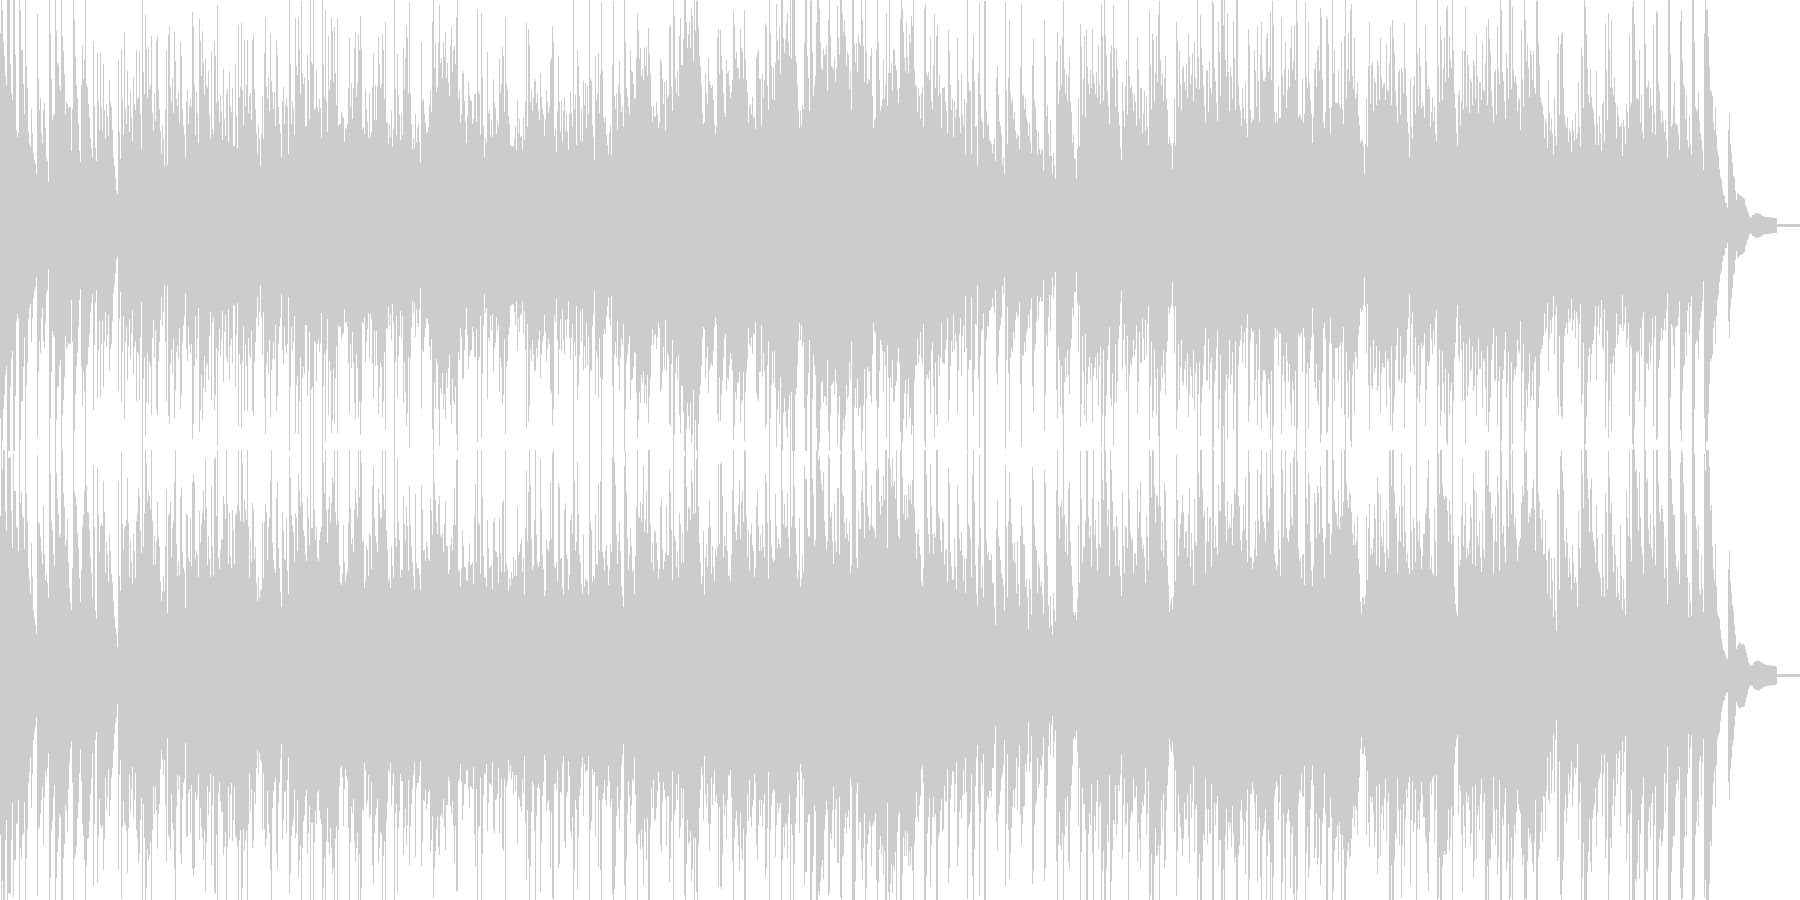 和風琴第九ベートーベンの琴曲の未再生の波形